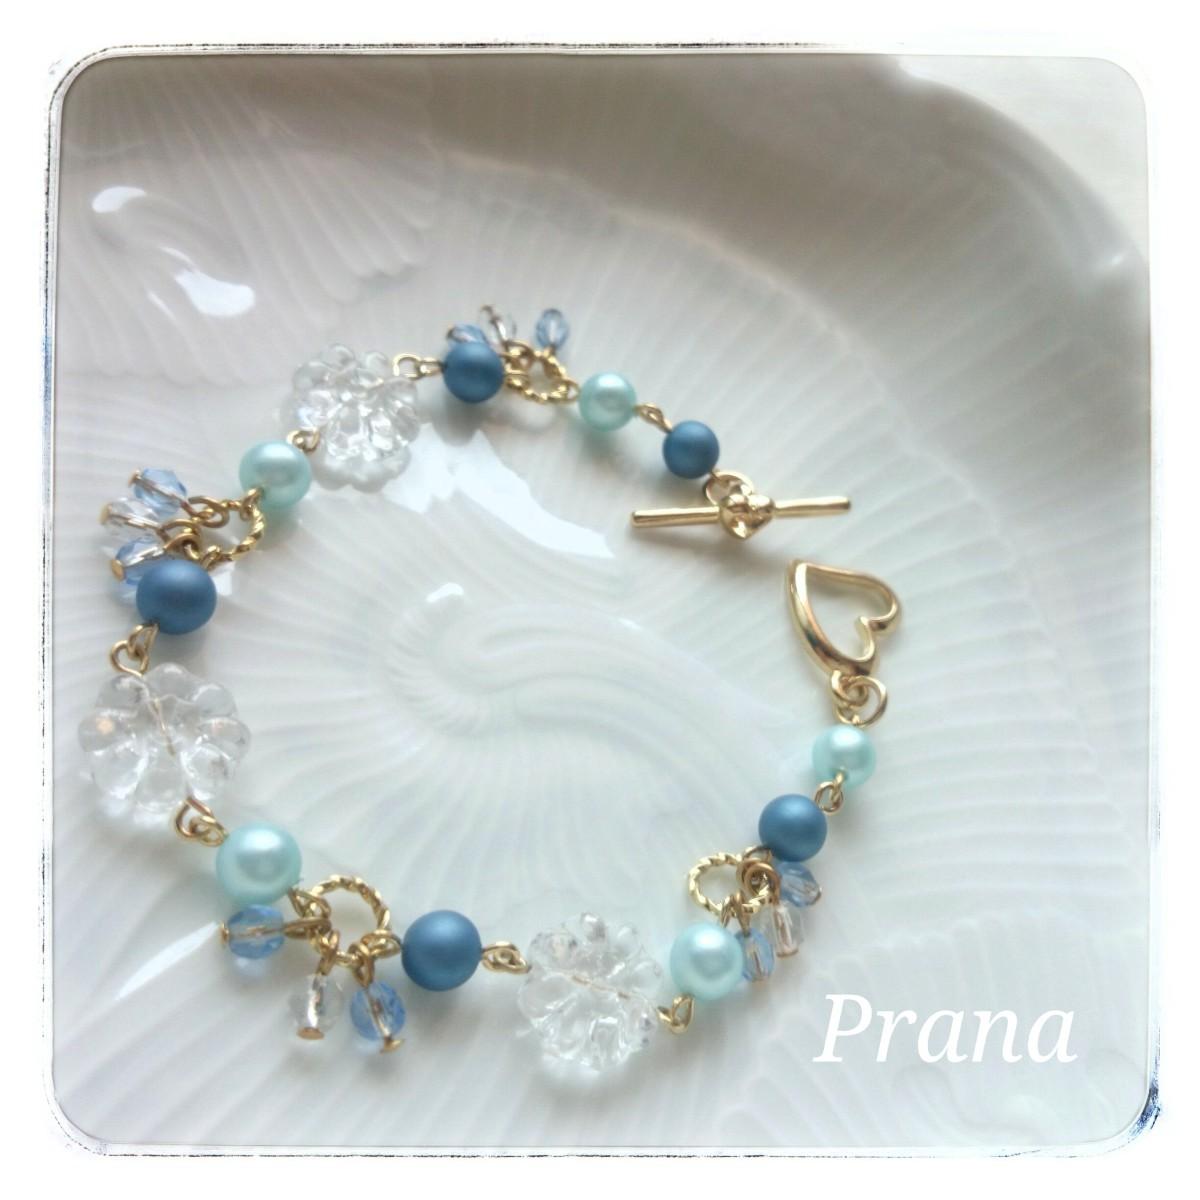 夏にぴったりの二色の青いパールに透明感が美しいチェコフラワービーズのブレスレット 『mon favori (モンファヴォリ)』ブレスレット